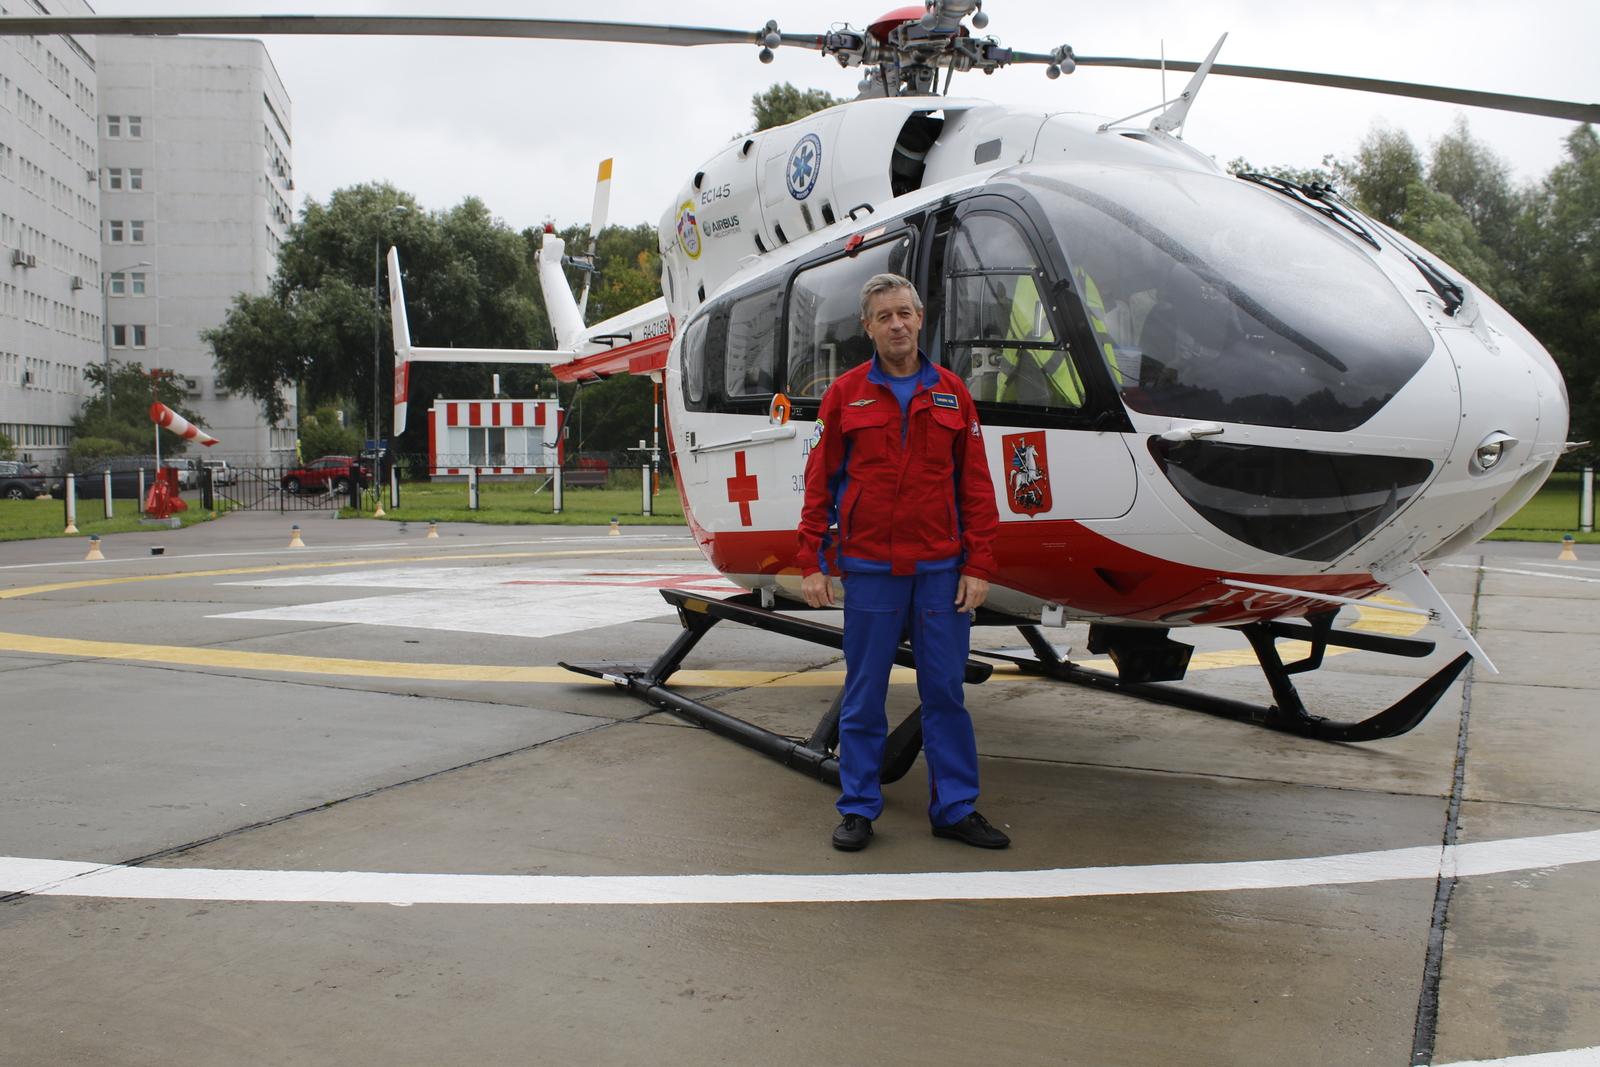 Сегодня Николай продолжает свою профессиональную деятельность в гражданской авиации / пресс-служба ГКУ «Московский авиационный центр»